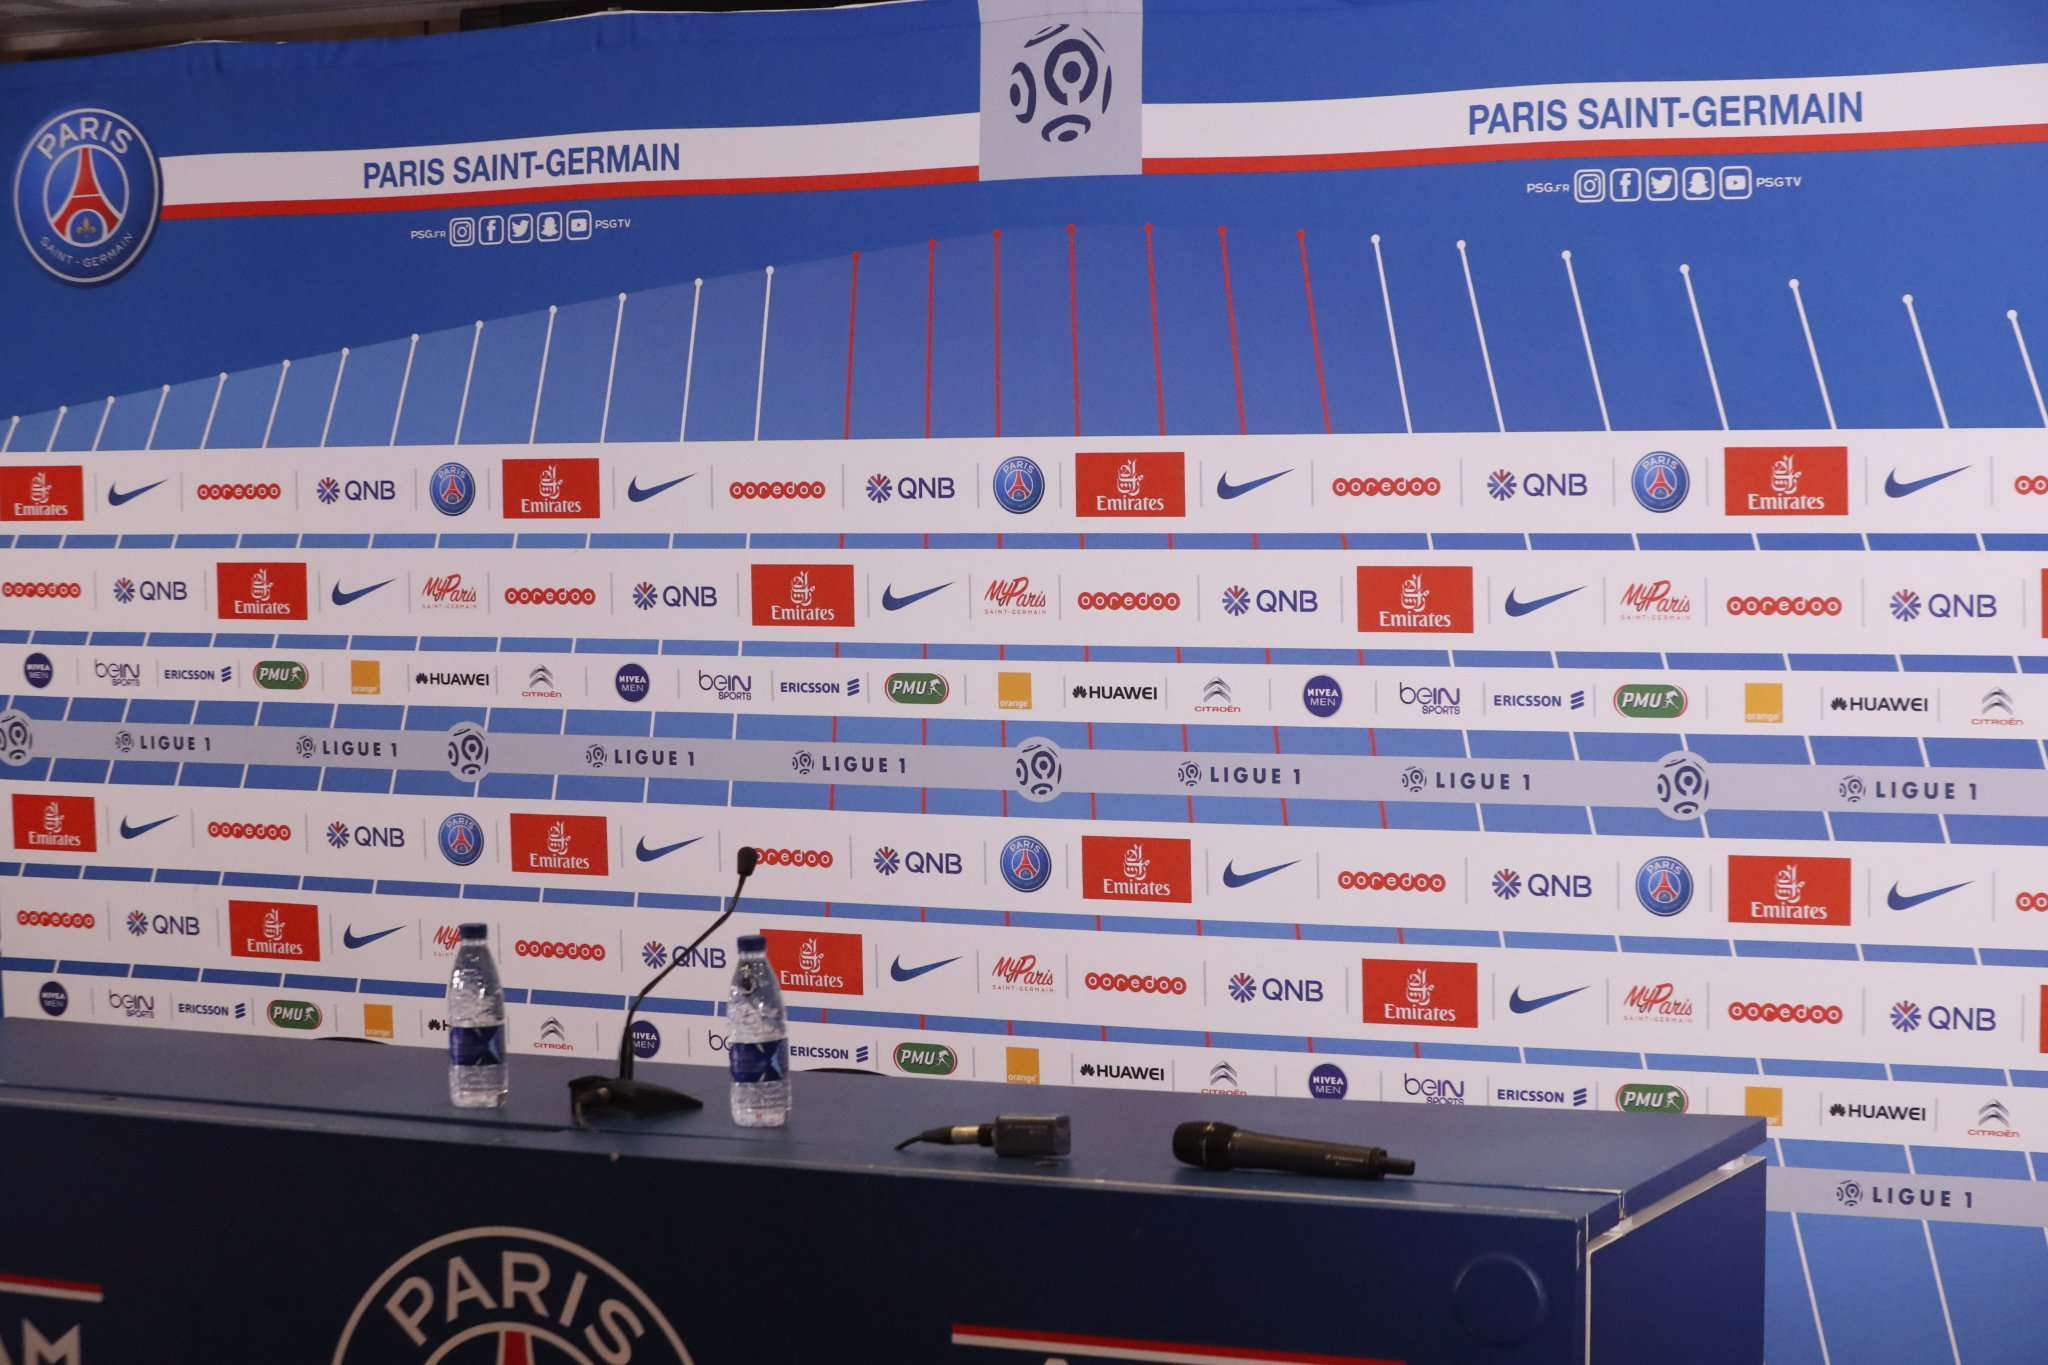 Le PSG annonce la conférence de presse à 16h et joue avec l'impatience des supporters